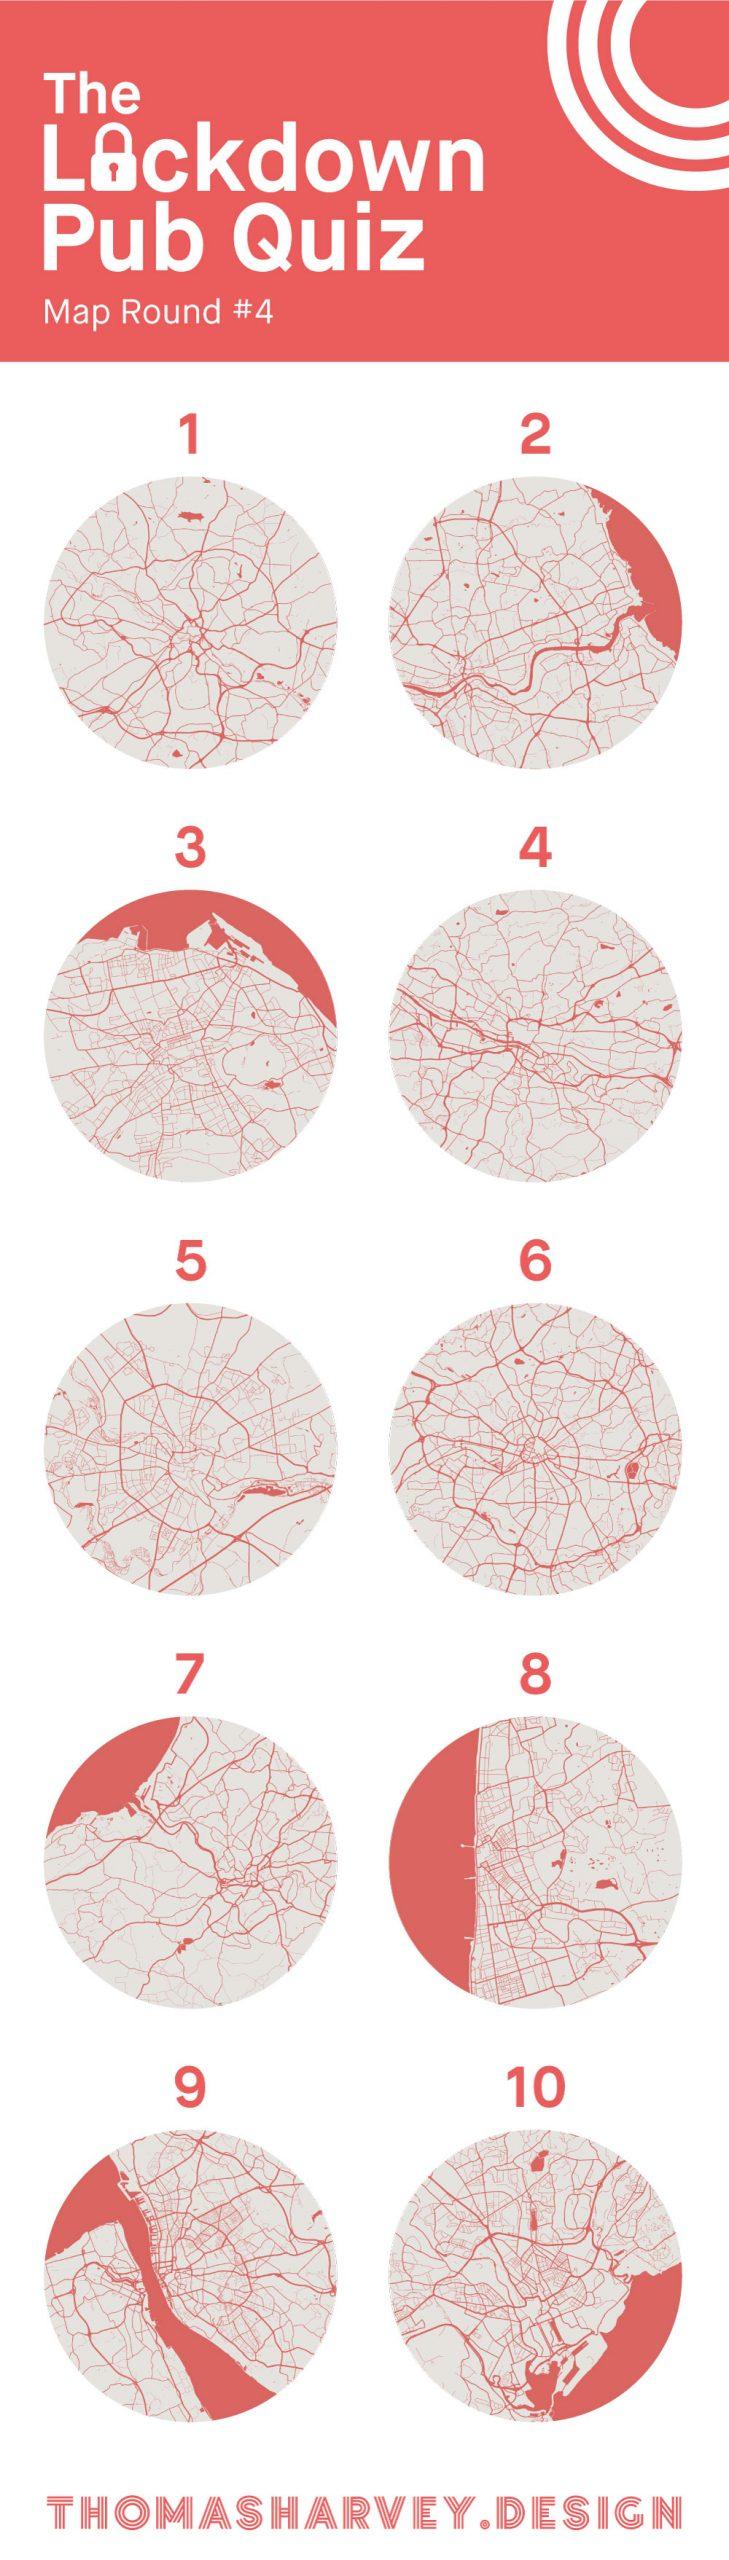 lockdown pub quiz map round